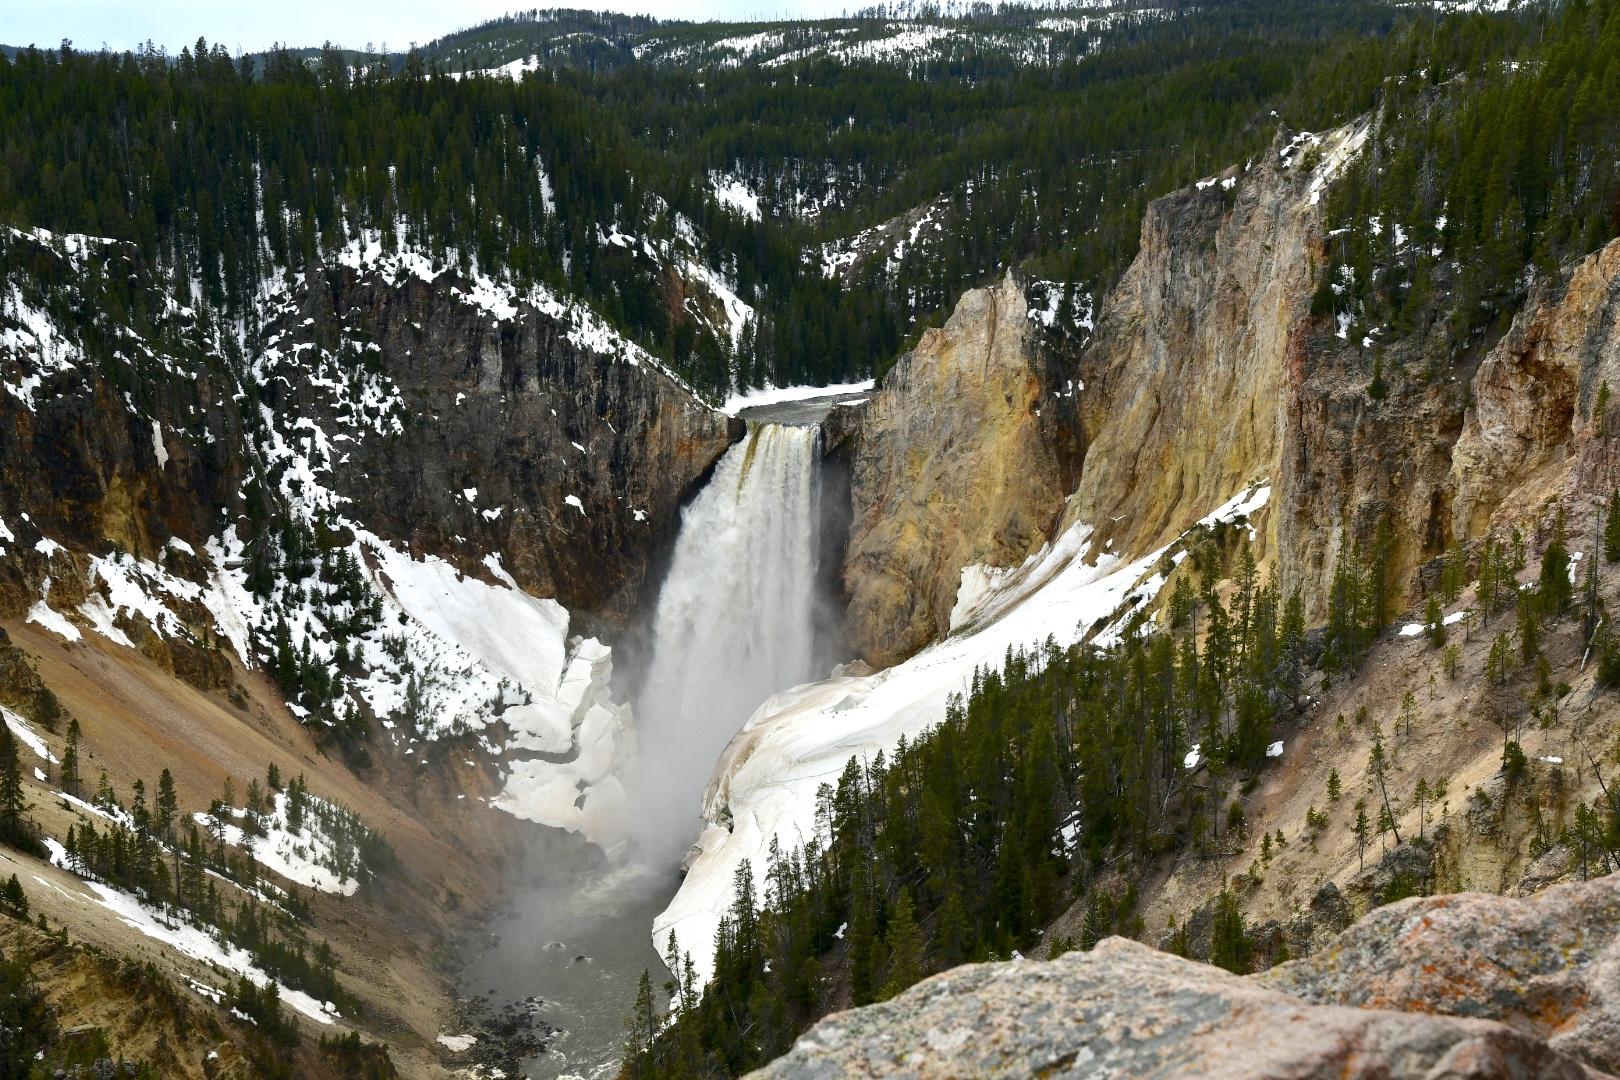 Wasserfälle im Yellowstone Nationalpark - Wasser fällt zwischen Schneebrettern und ockerfarbener Schlucht 100 Meter tief in einen Fluss